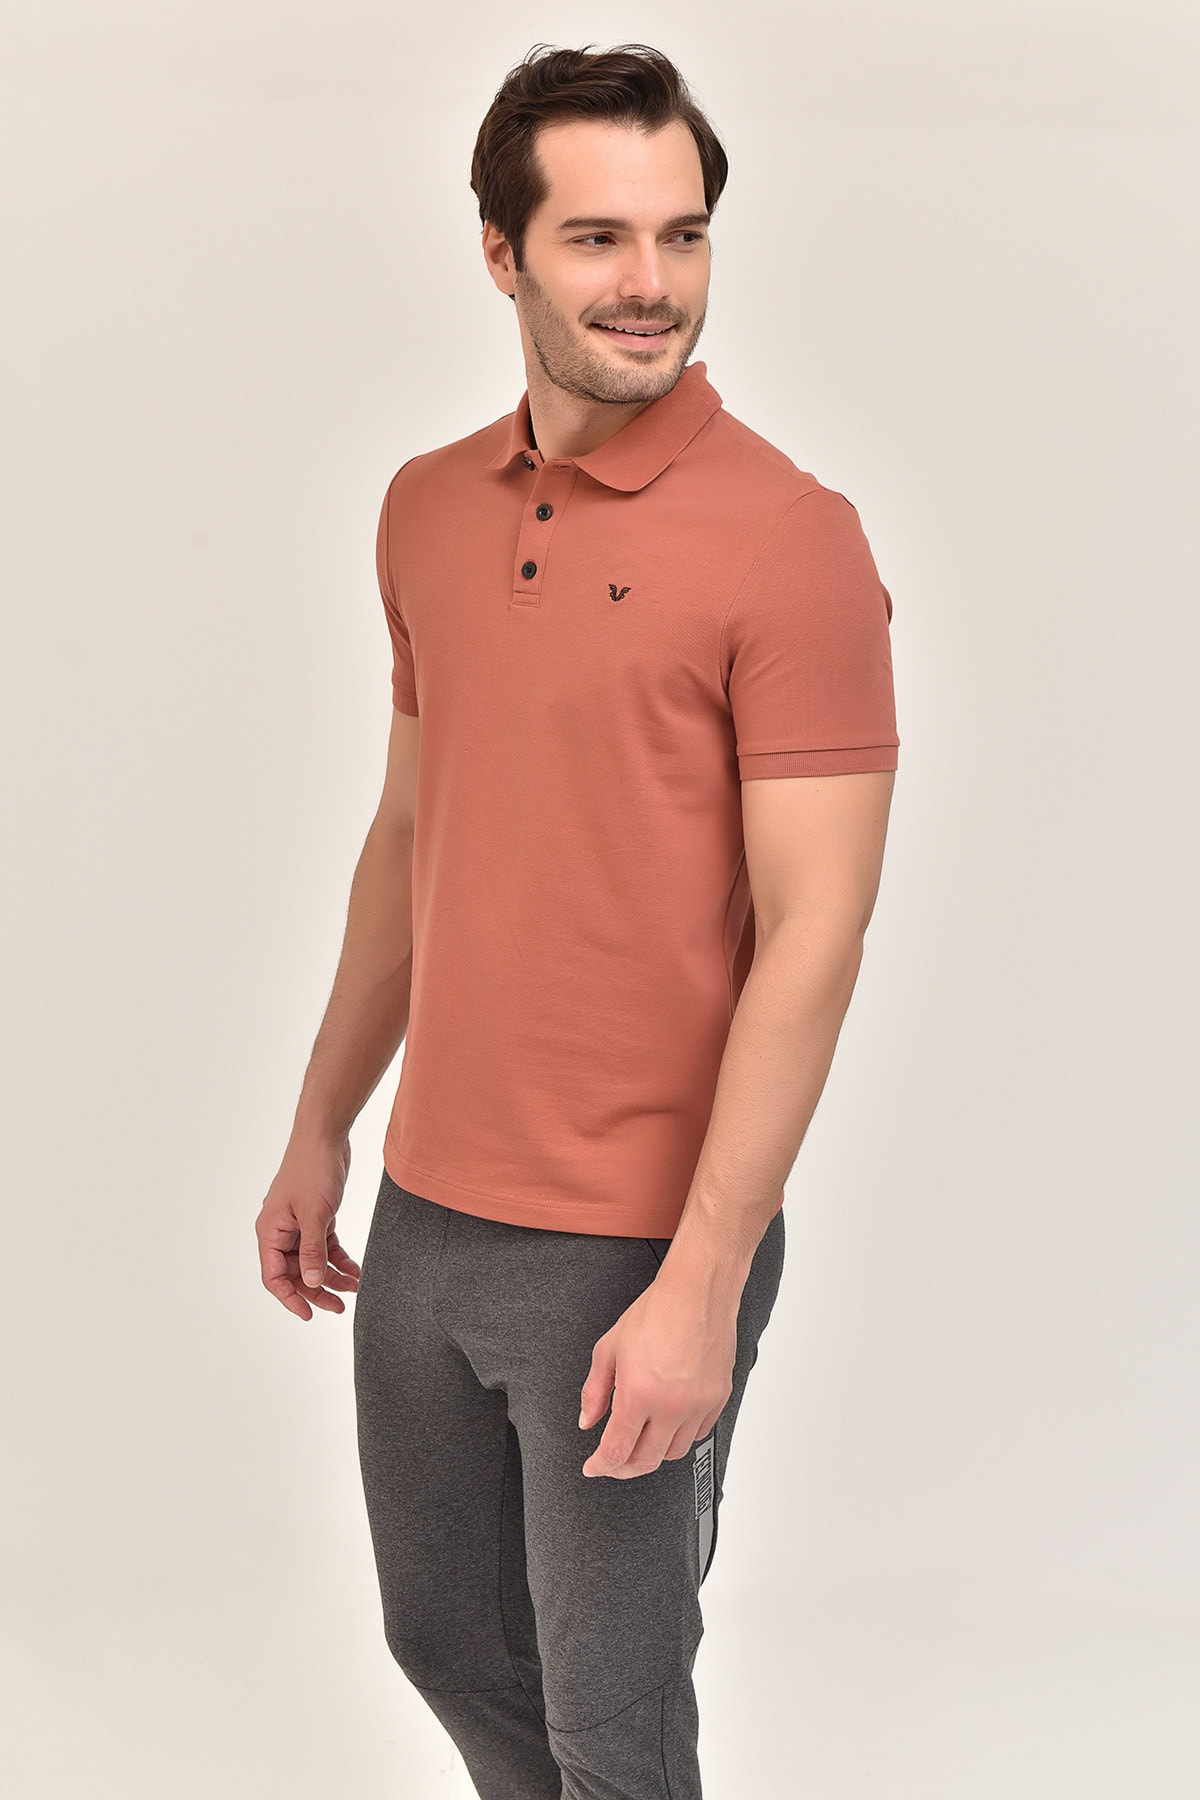 bilcee Kahverengi Büyük Beden Polo Yaka Erkek T-Shirt GS-8983 2